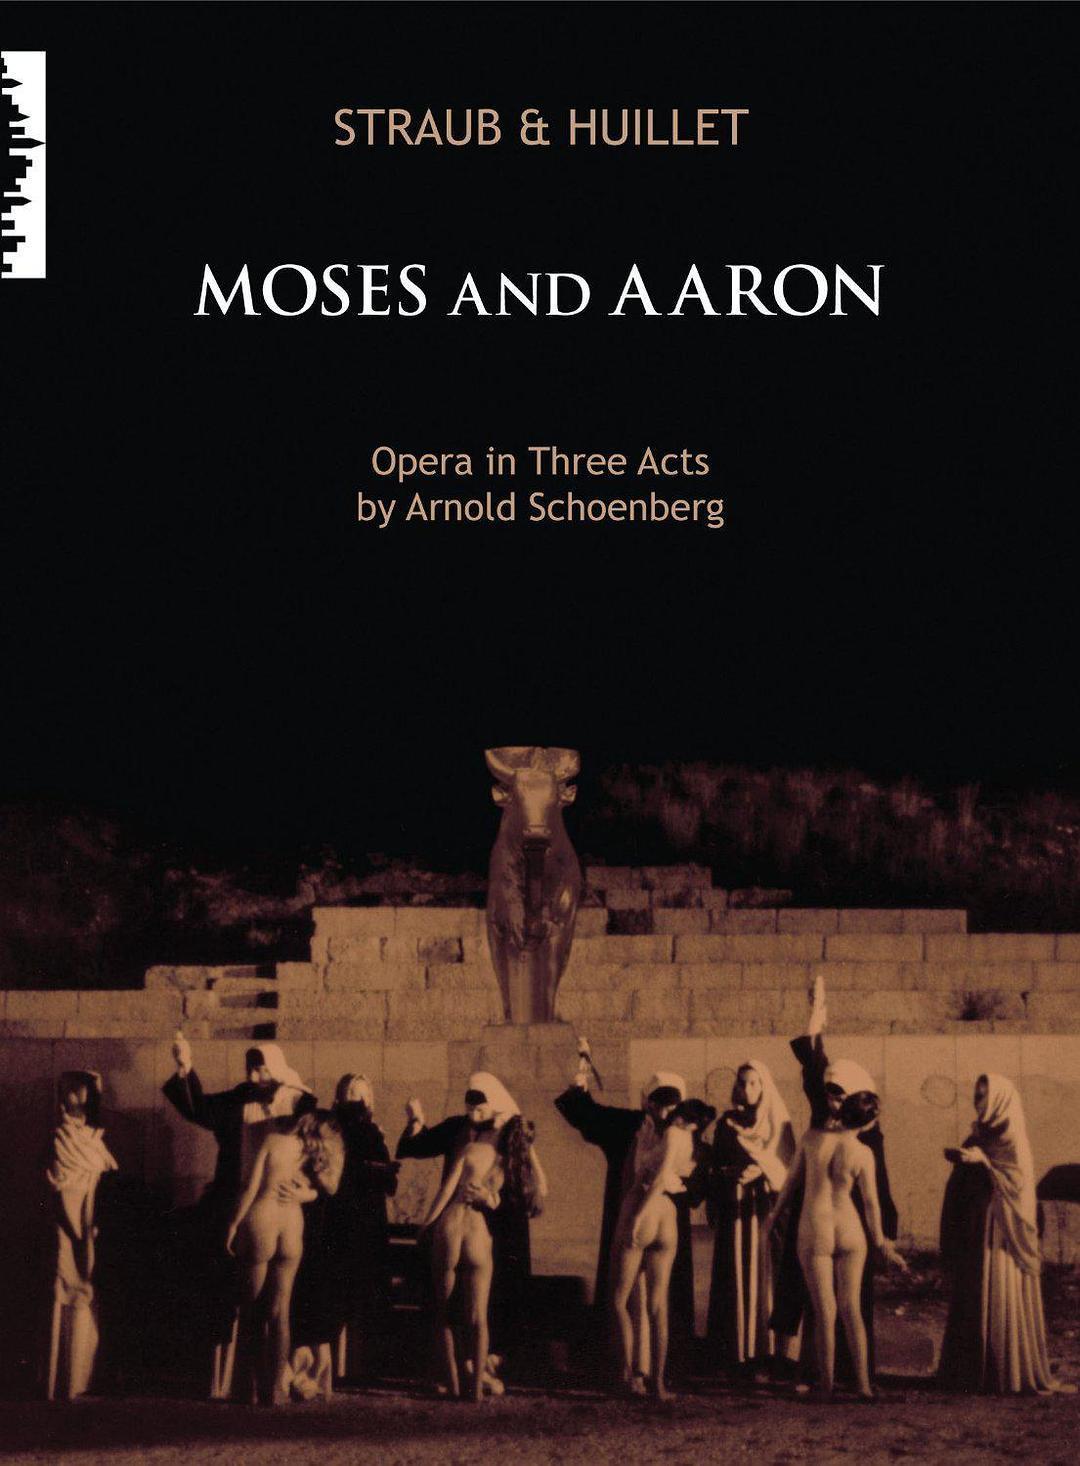 摩西与亚伦